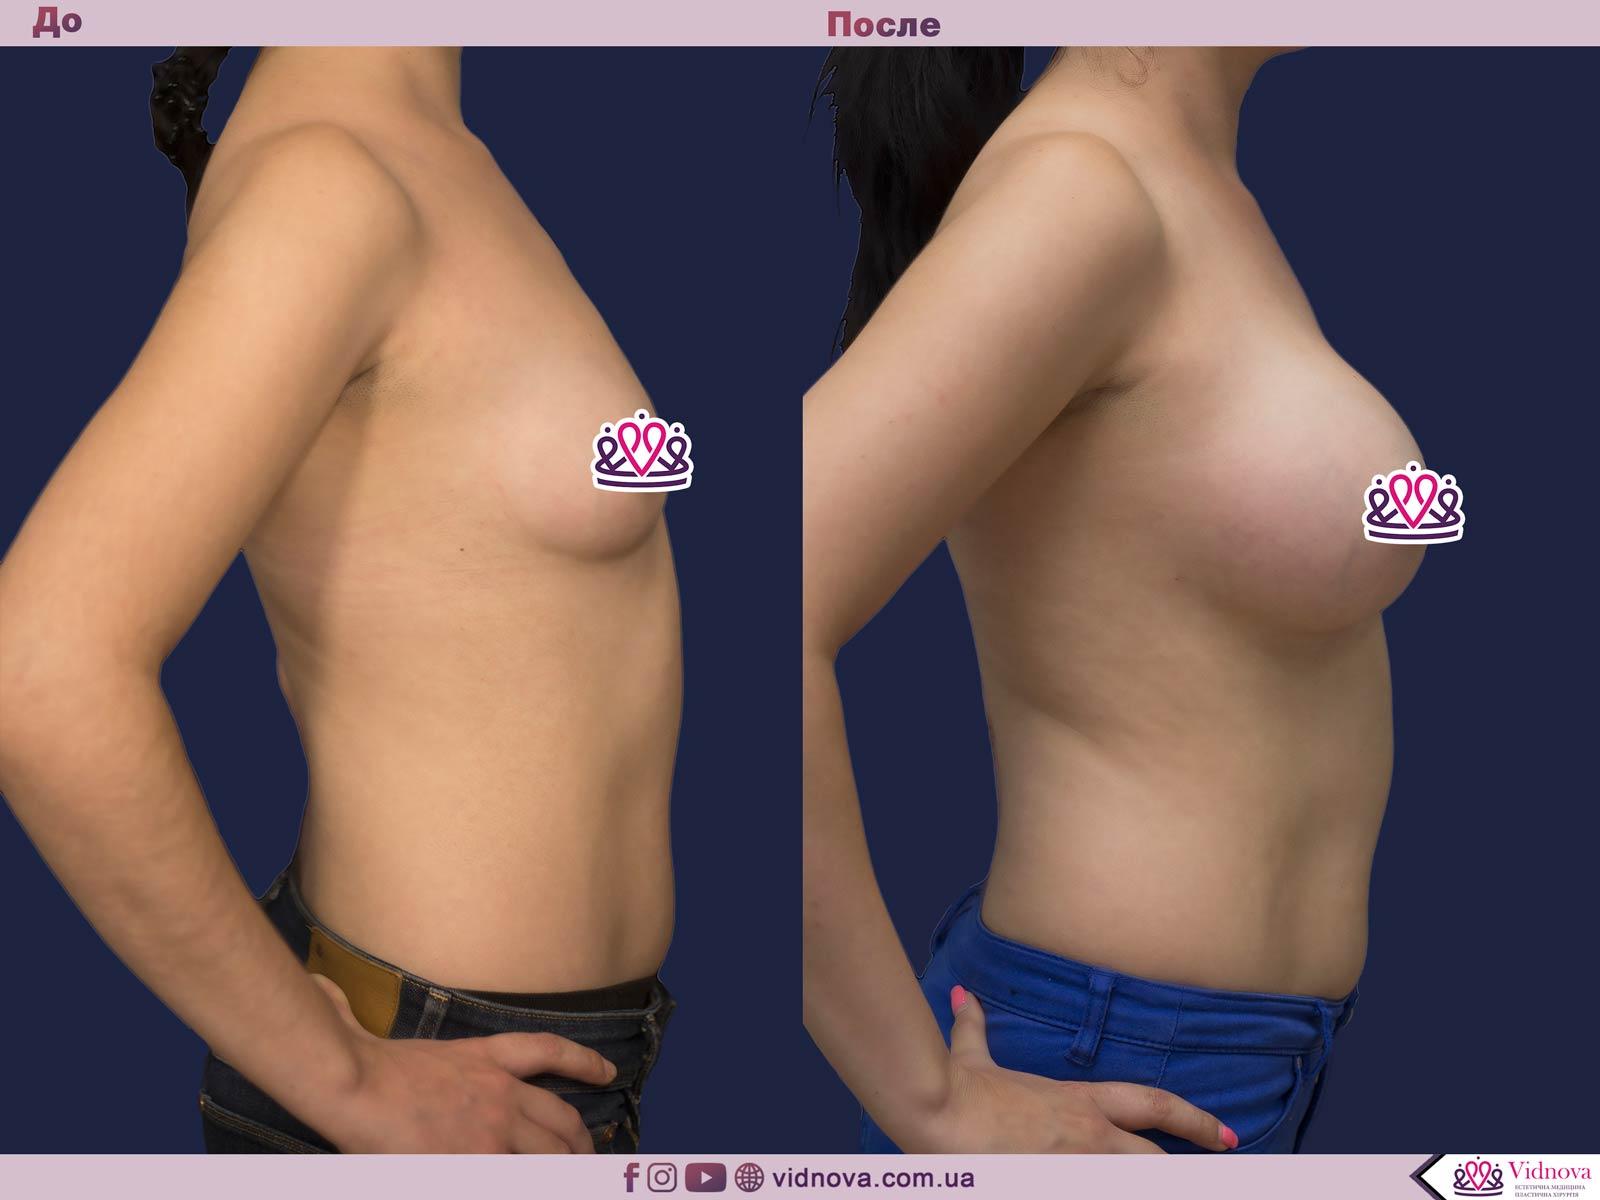 Пластика груди: результаты до и после - Пример №18-2 - Светлана Работенко